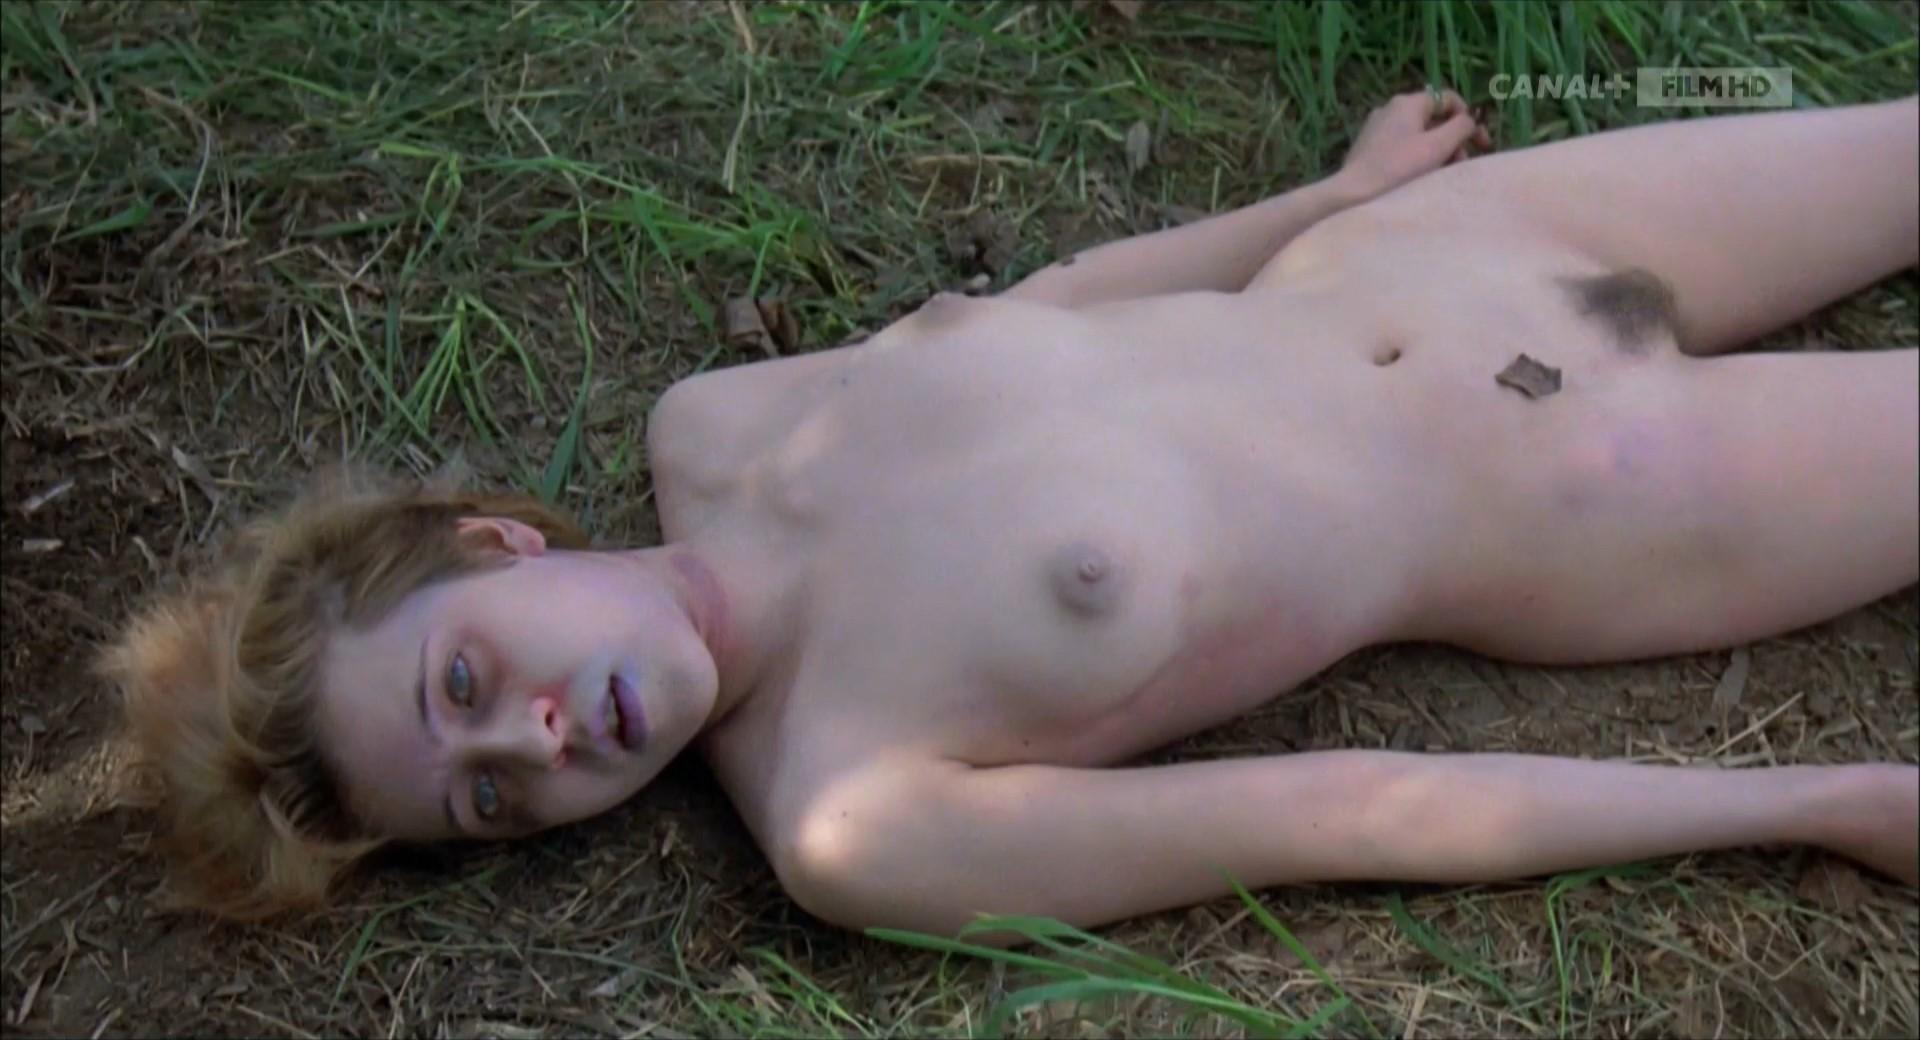 old deceased woman nude